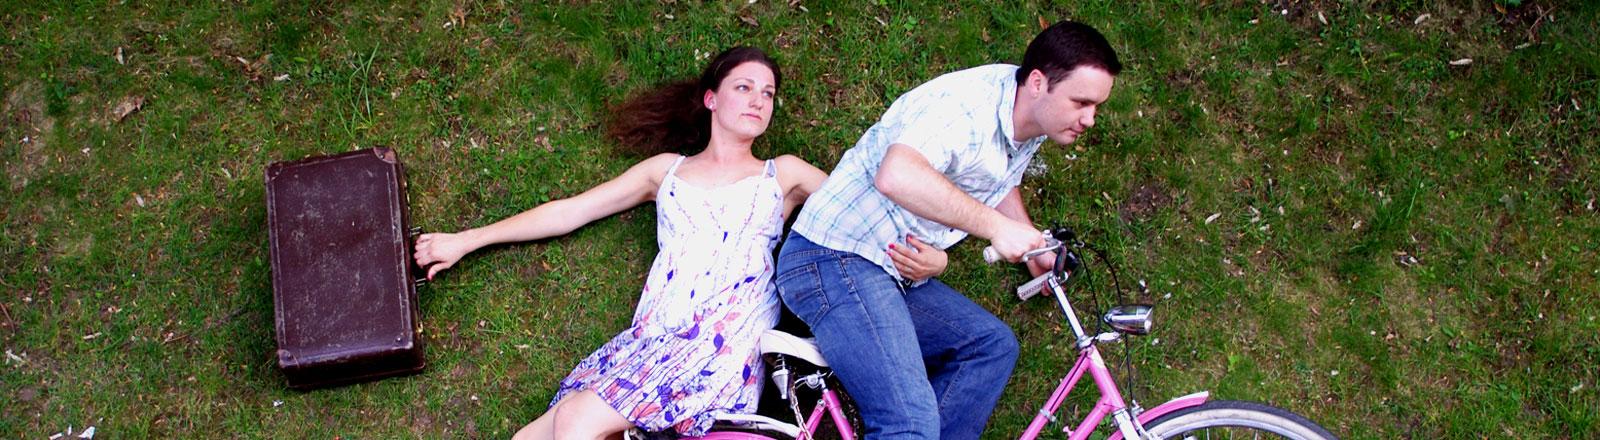 Junge Frau mit Koffer und junger Mann auf einem Fahrrad